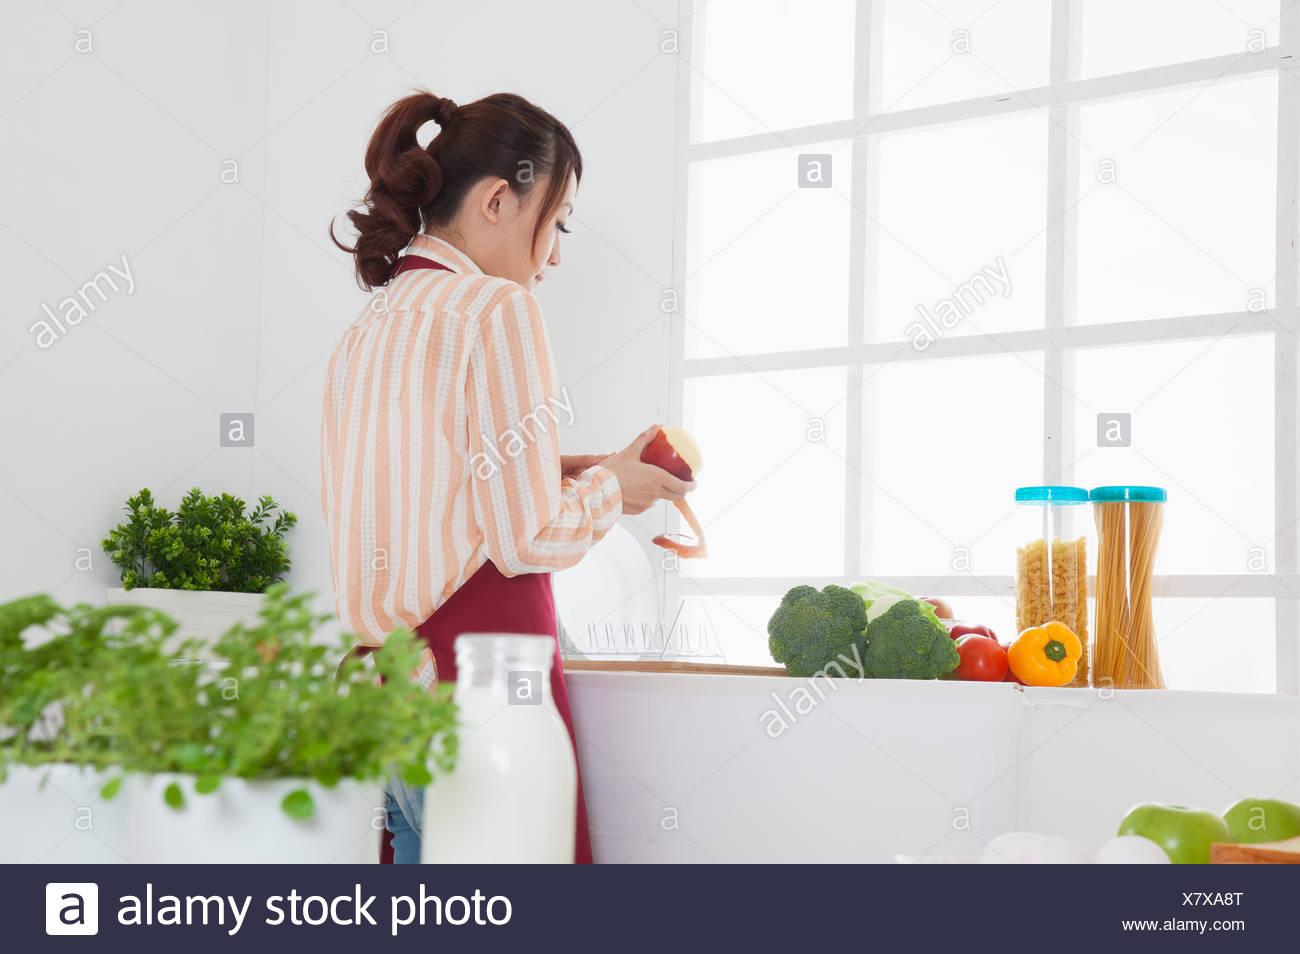 Young woman peeling une pomme dans la cuisine, Photo Stock